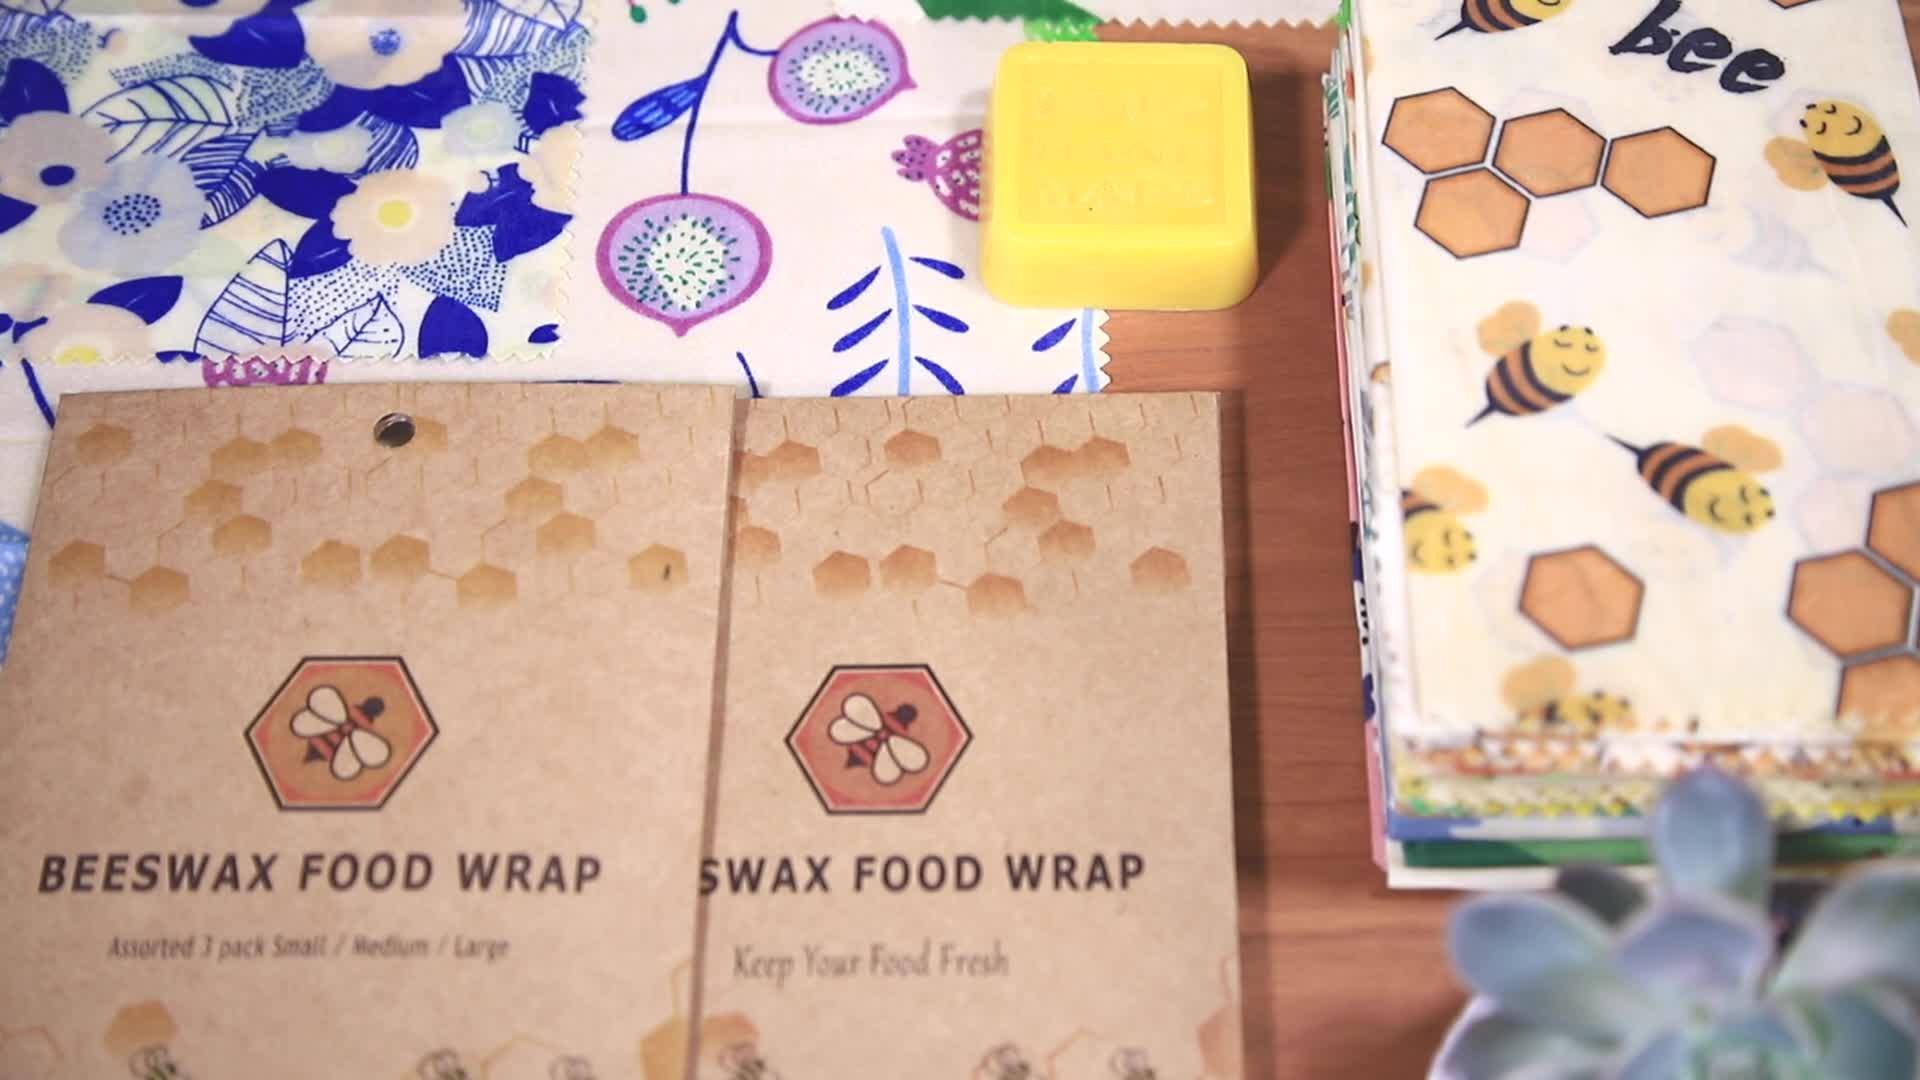 Amazon Best ขายย่อยสลายได้ Reusable ผ้าฝ้ายธรรมชาติแซนวิชขี้ผึ้งเก็บอาหาร Wraps